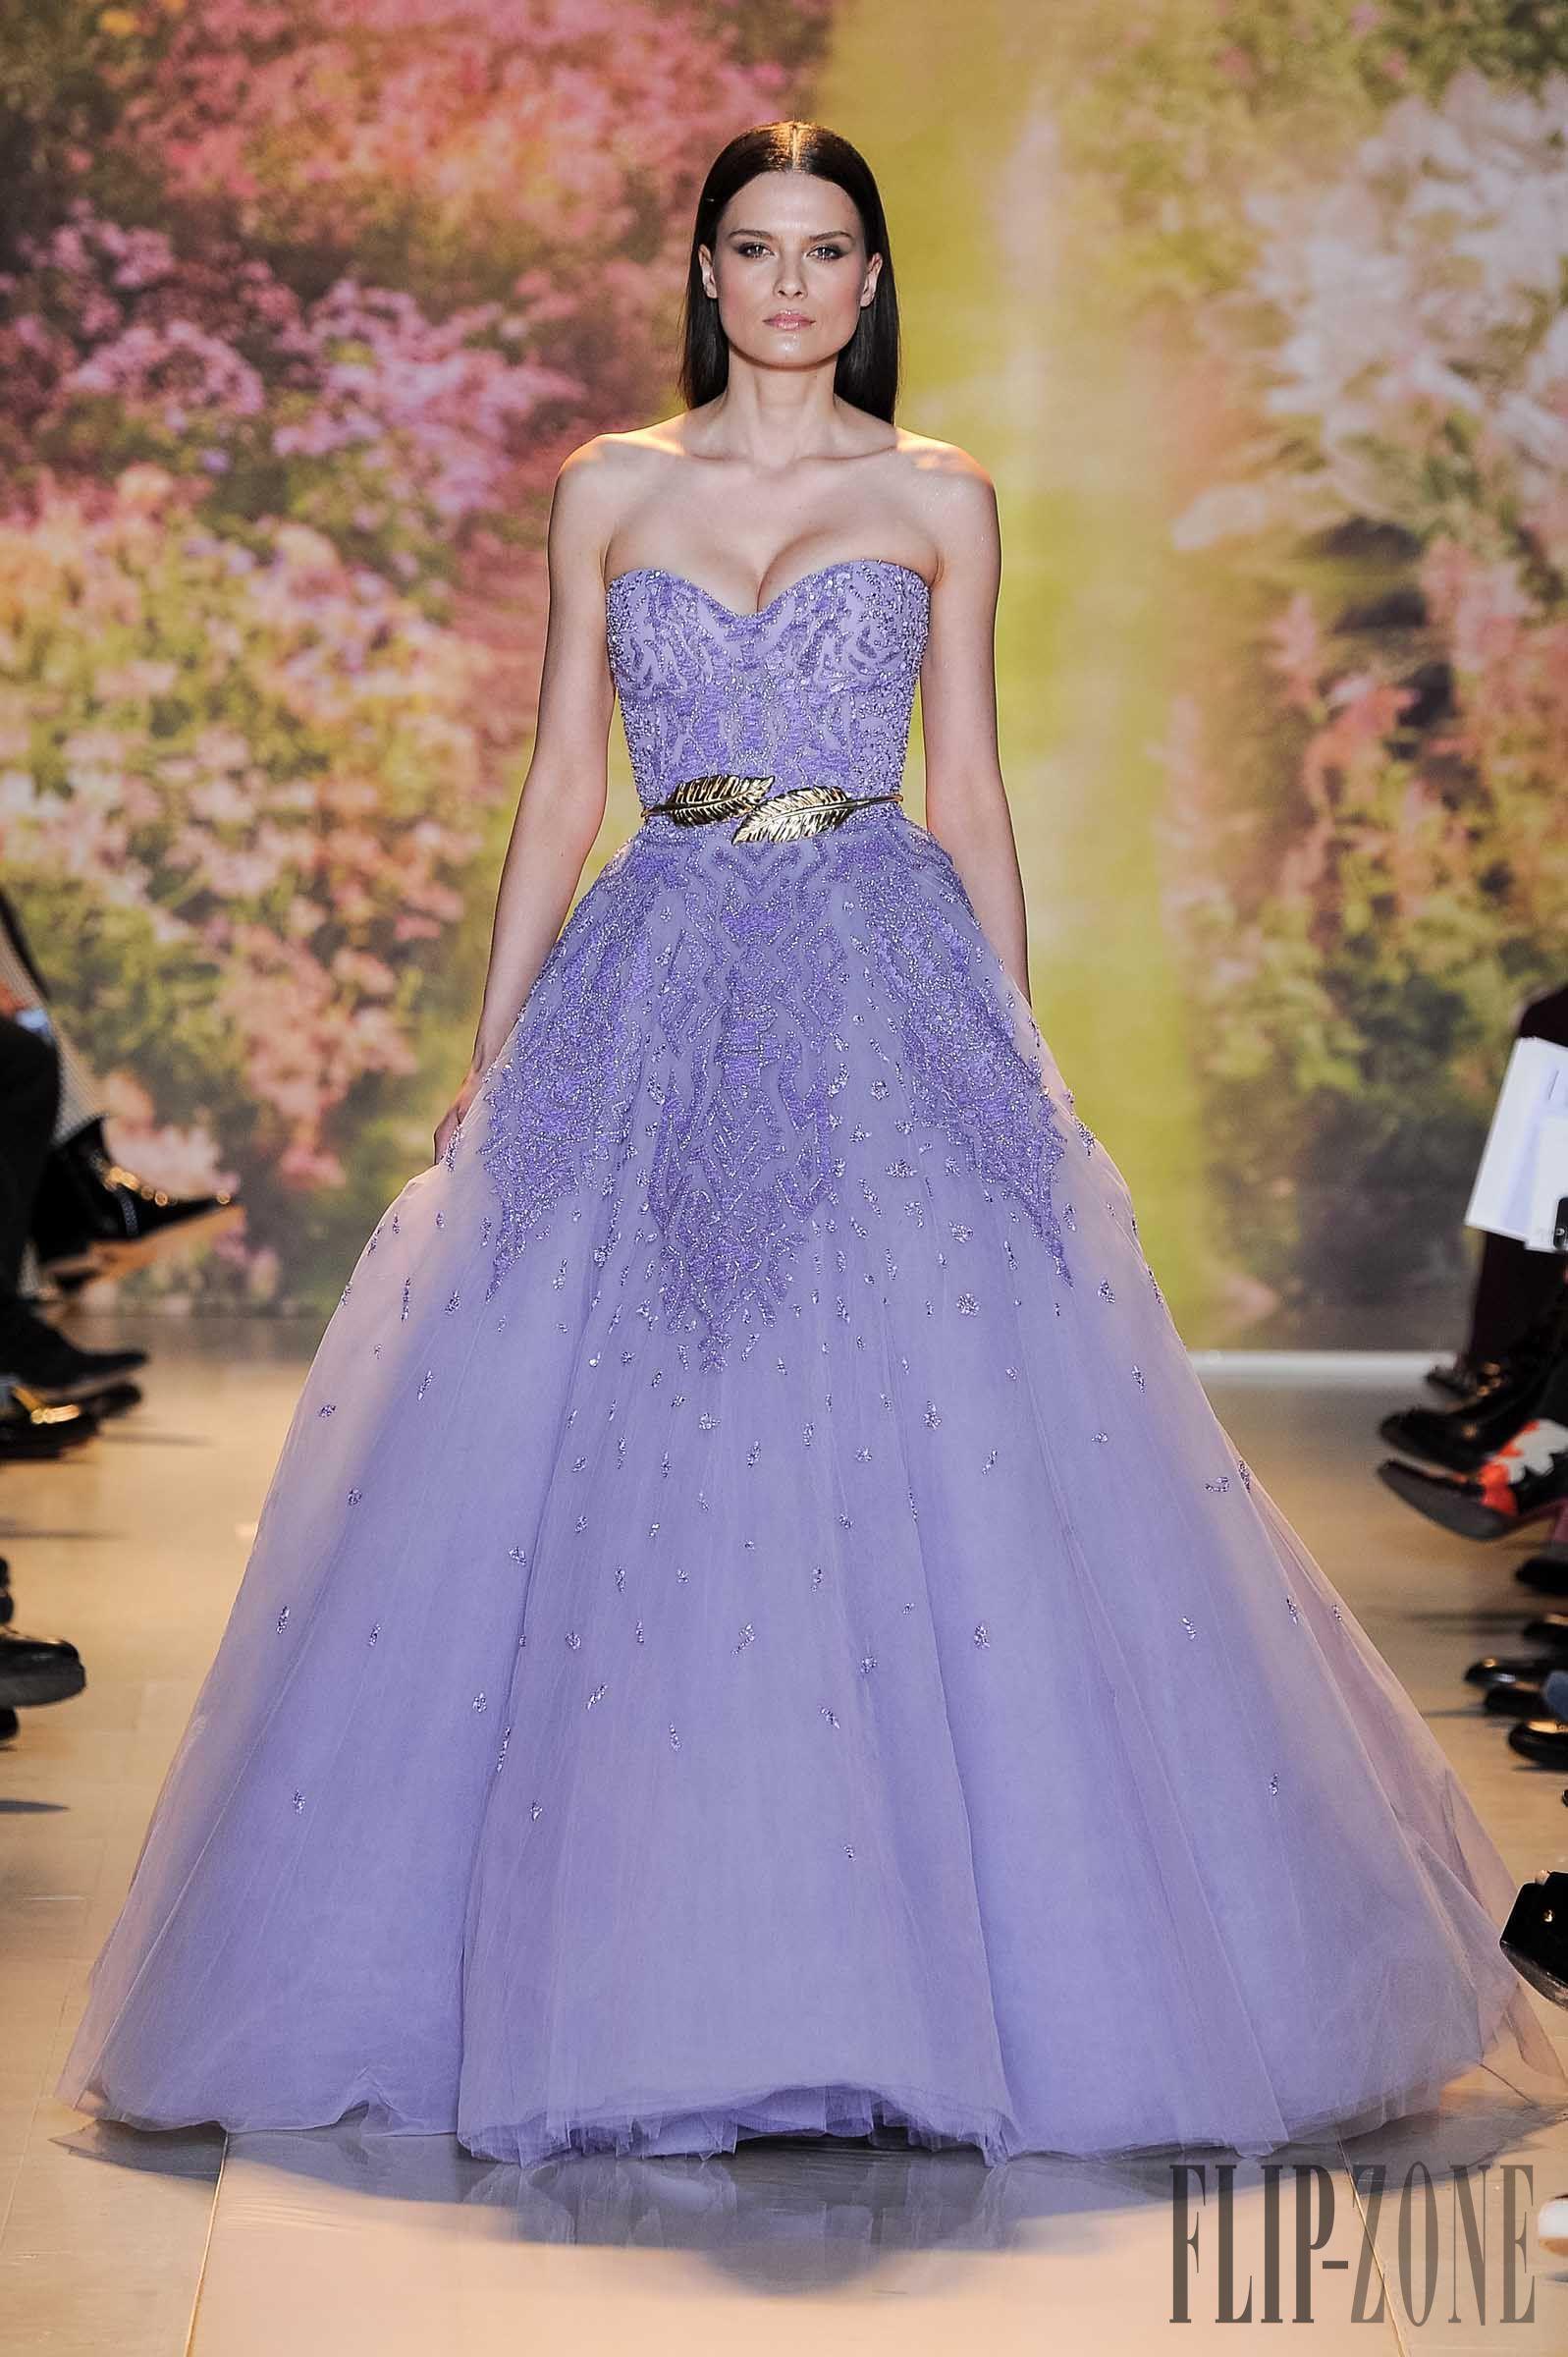 Zuhair murad springsummer couture flipzone